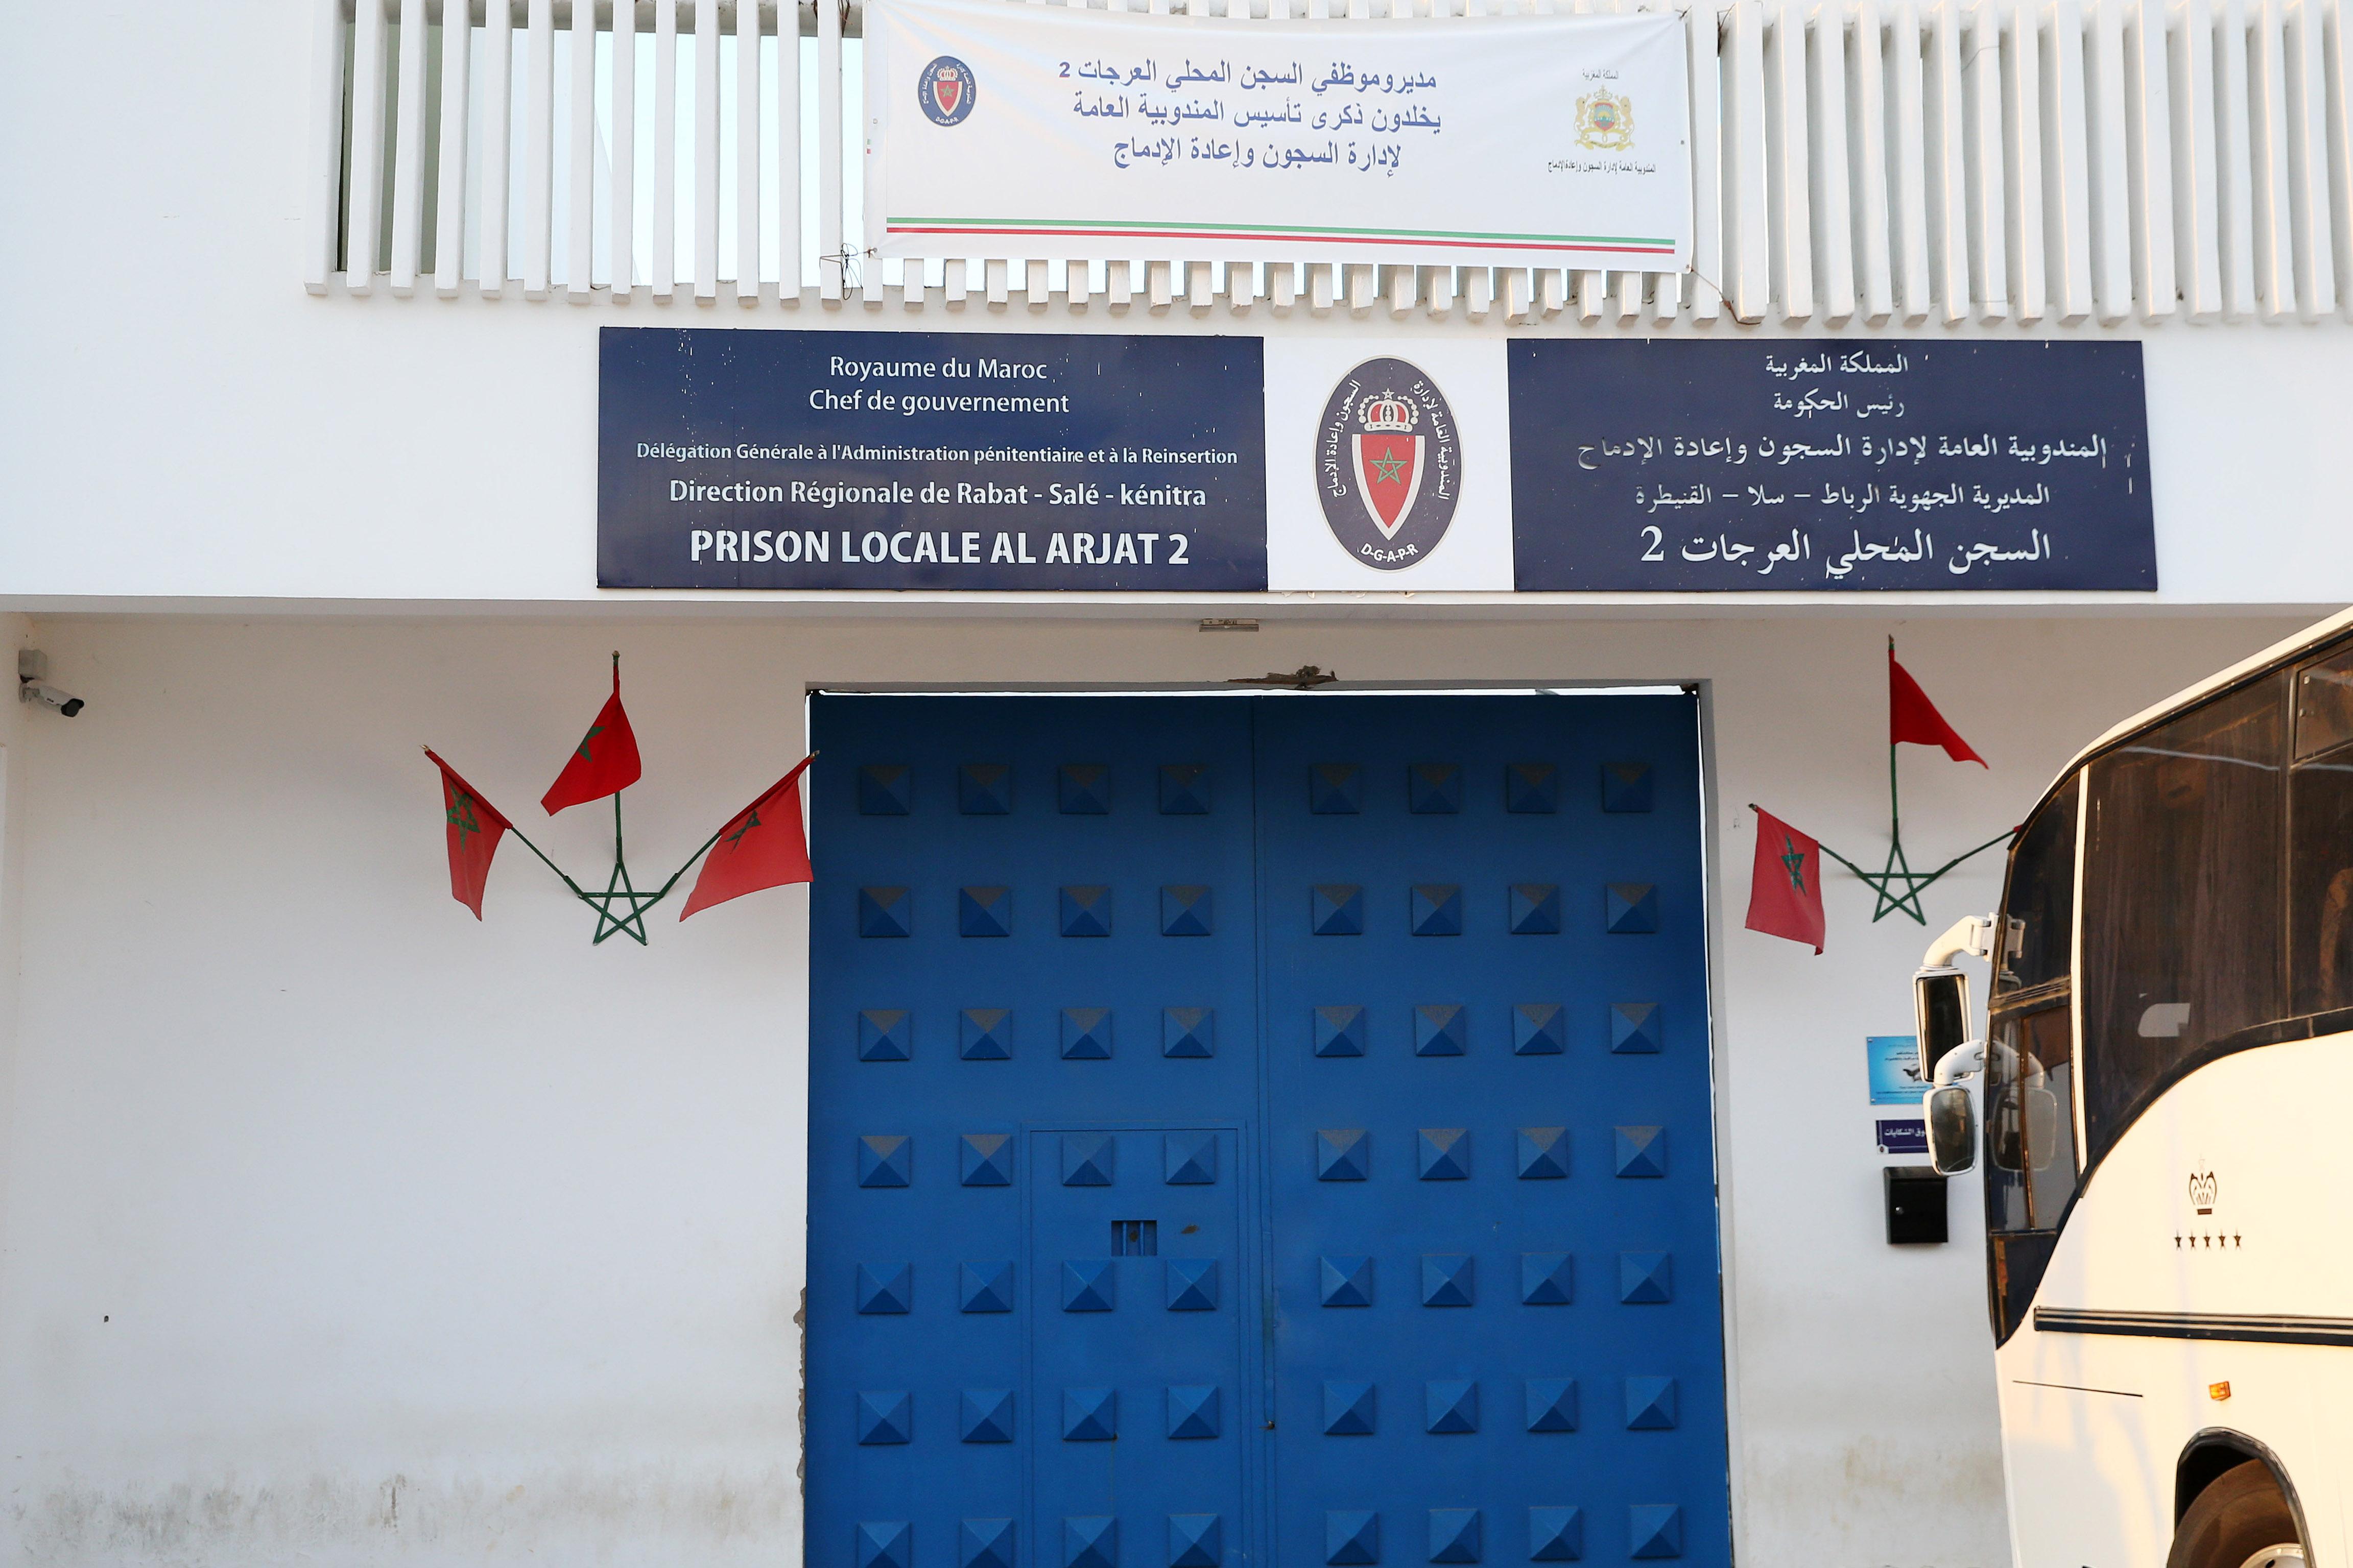 Des prisons marocaines plus fermées que jamais